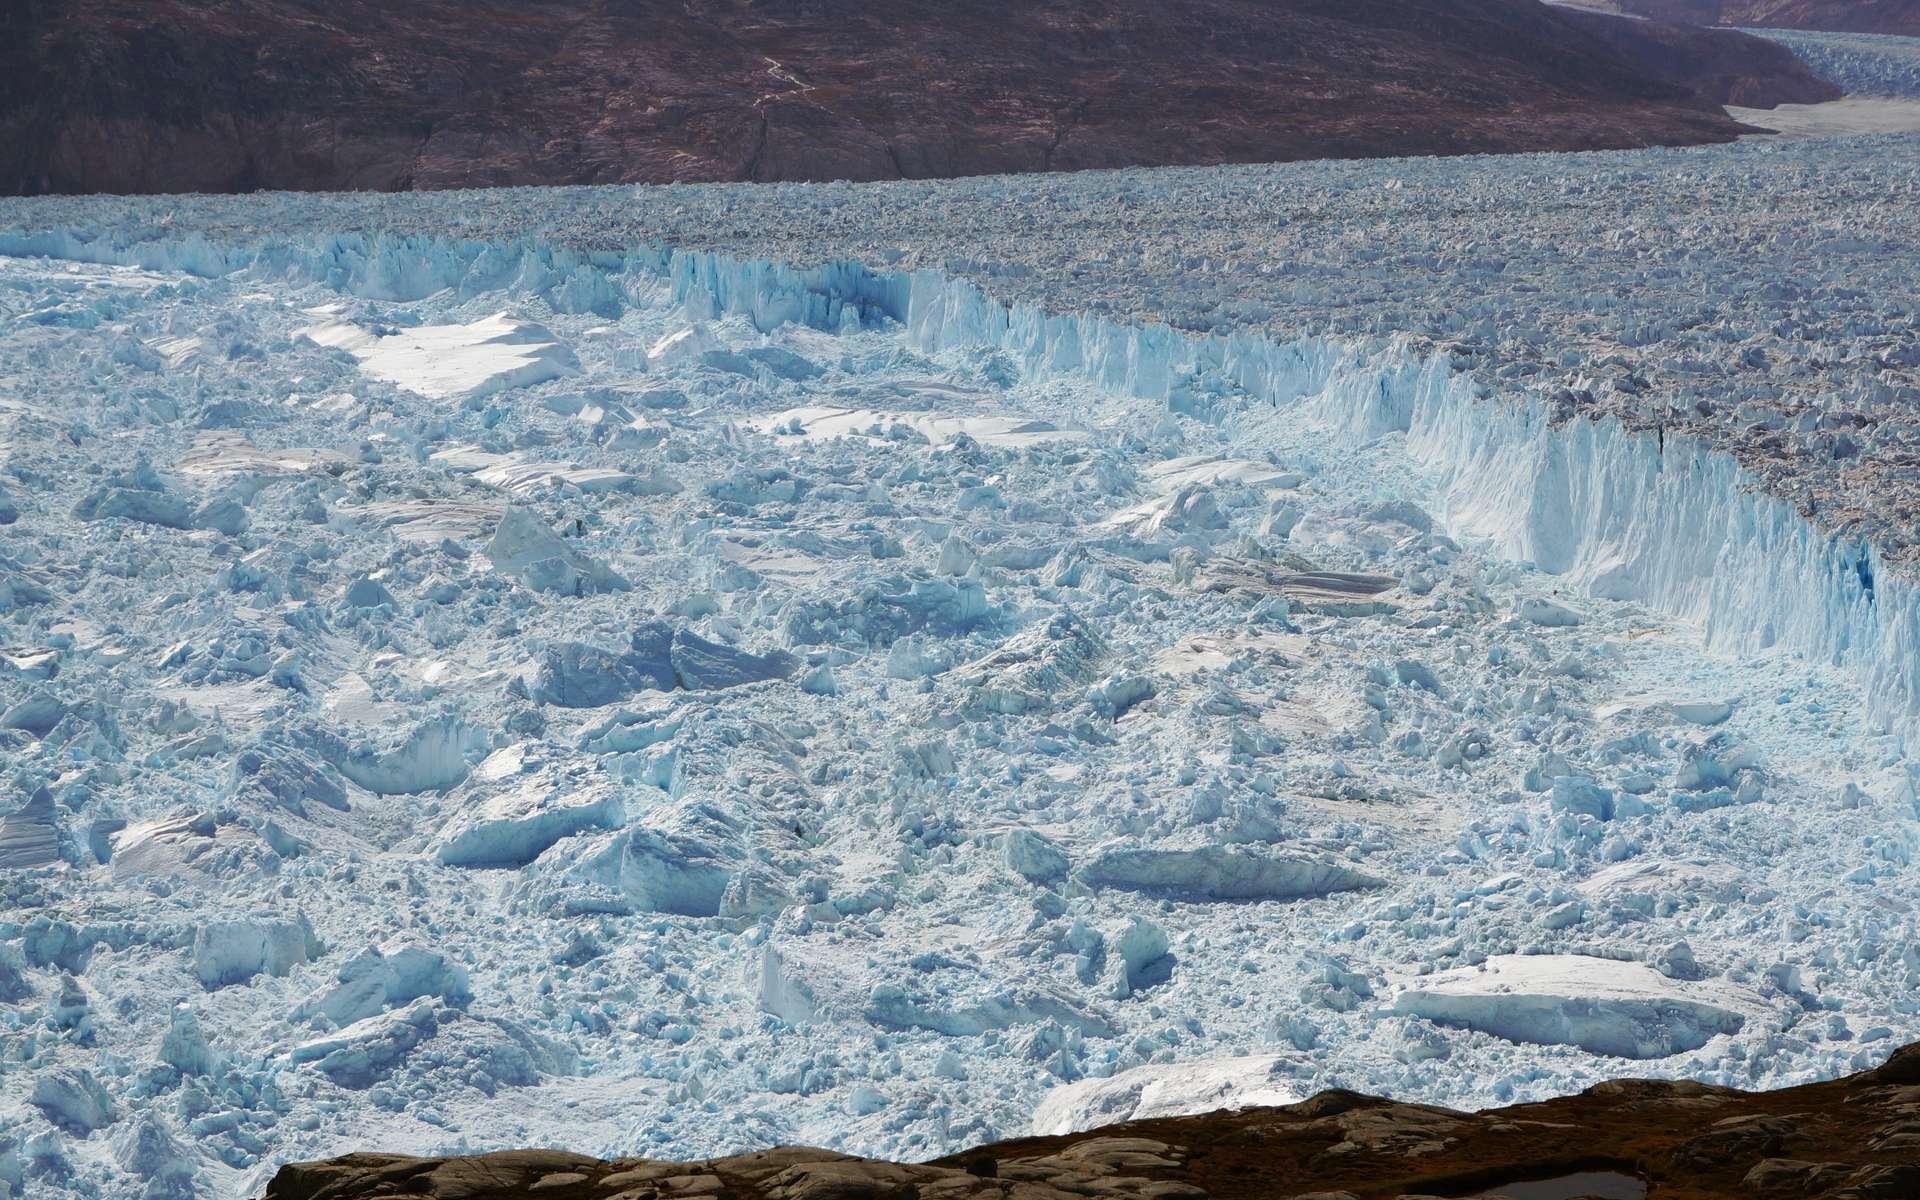 Ce qui se passe du côté du glacier d'Helheim, au Groenland, pourrait préfigurer ce qui attend l'Antarctique dans les années à venir si le réchauffement climatique anthropique n'est pas infléchi. Avec des glaciers beaucoup plus grands ! © Knut Christianson, Université du Massachusetts